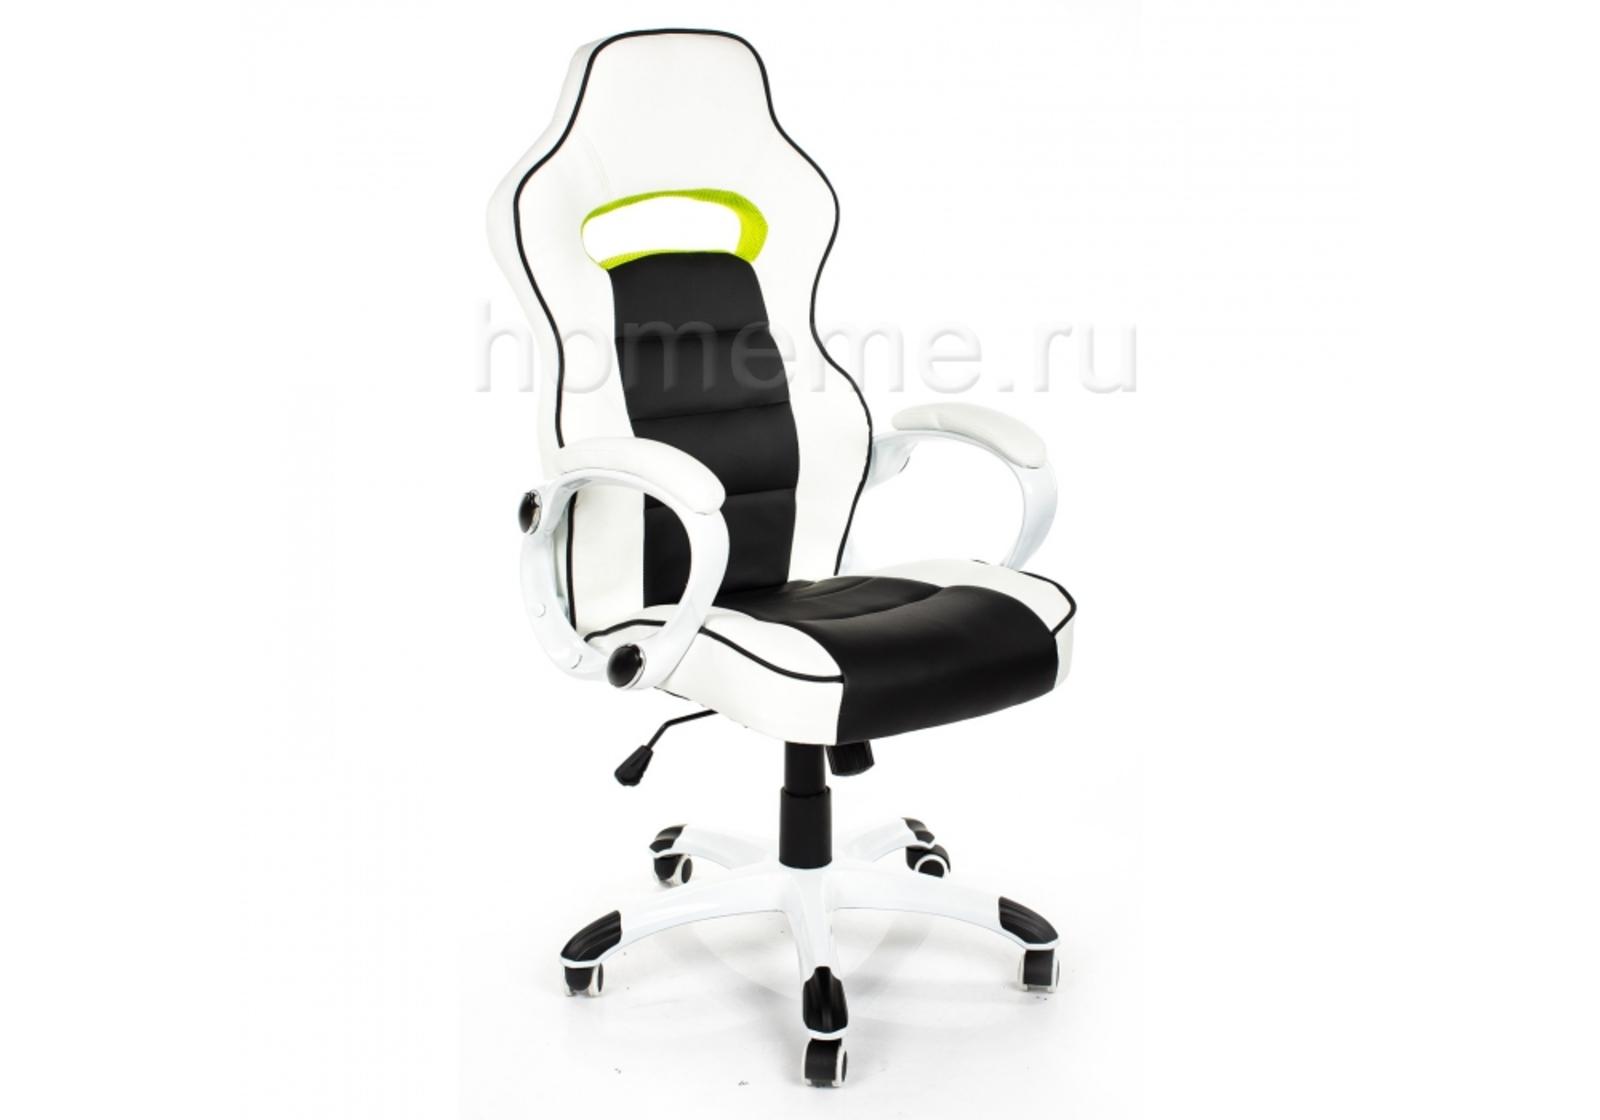 Кресло для офиса HomeMe Lider черно-белое 1494 от Homeme.ru